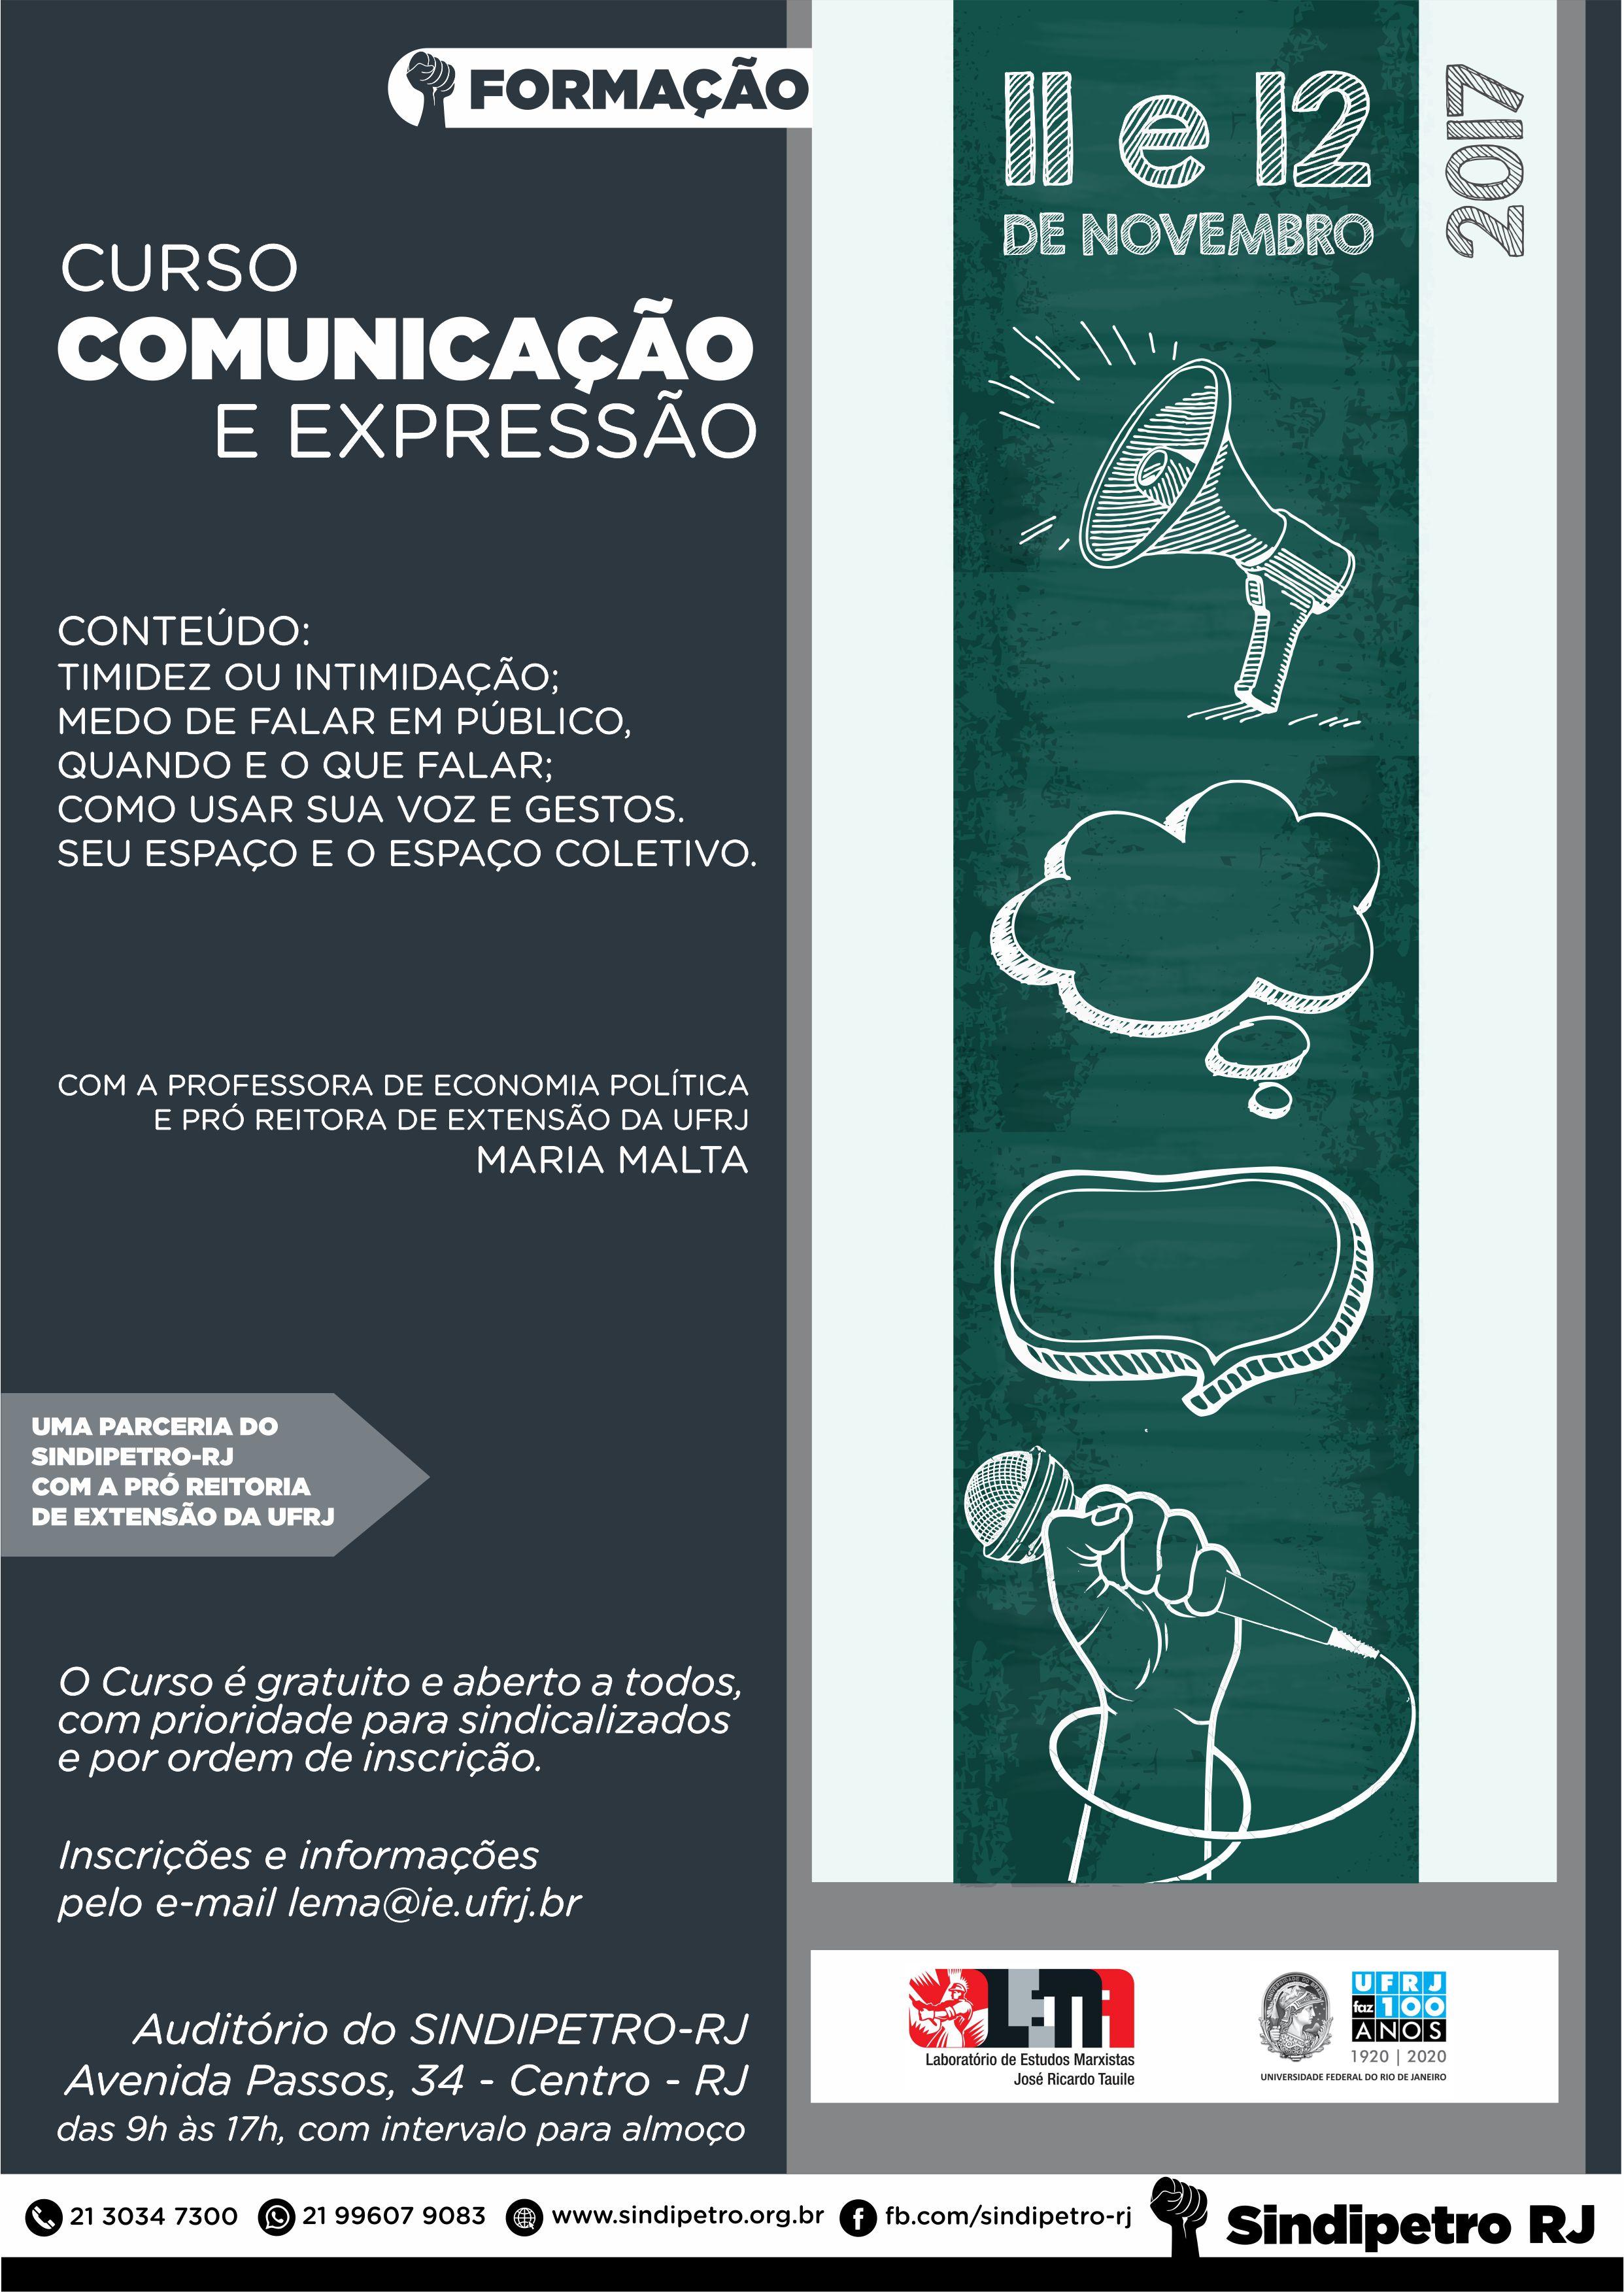 Comunicação e Expressão – UFRJ 11 e 12 de novembro das 9:00 às 17:00 CARTAZ CURSO UFRJ COMUNICA    O